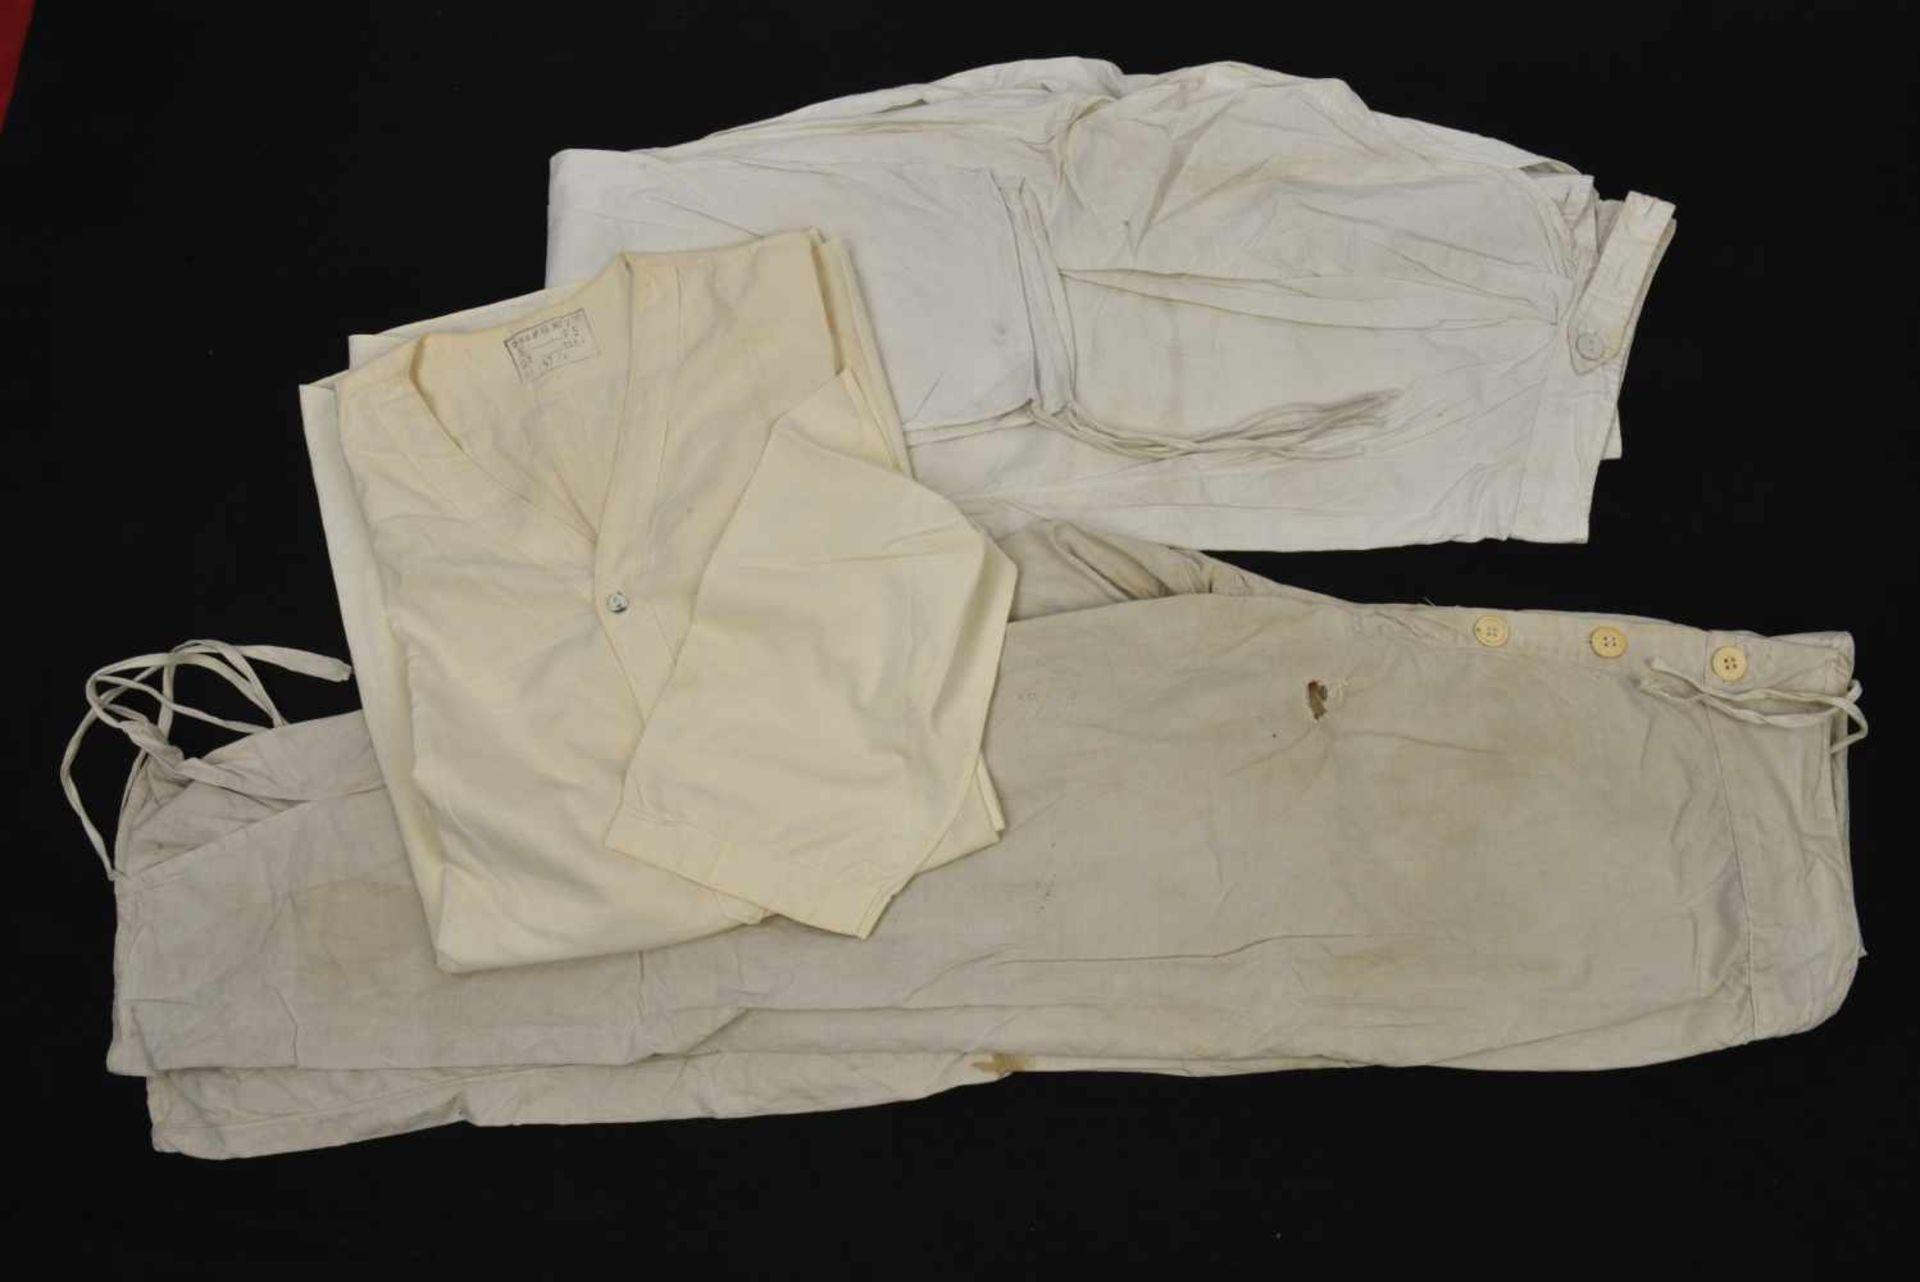 Sous vêtement été en coton comprenant le haut et bas, les deux pièces datées 1941, Neuve. On rajoute - Bild 2 aus 2